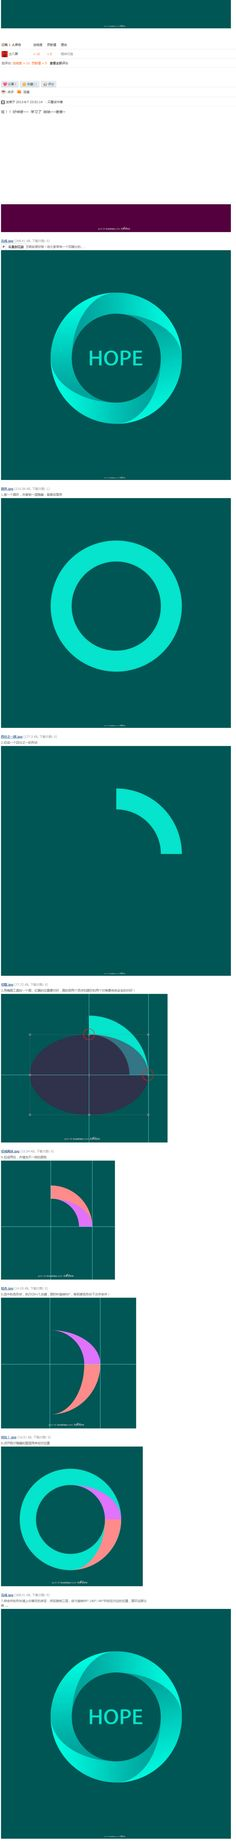 画等分圆环的小技巧 - 图标界面设计教程...